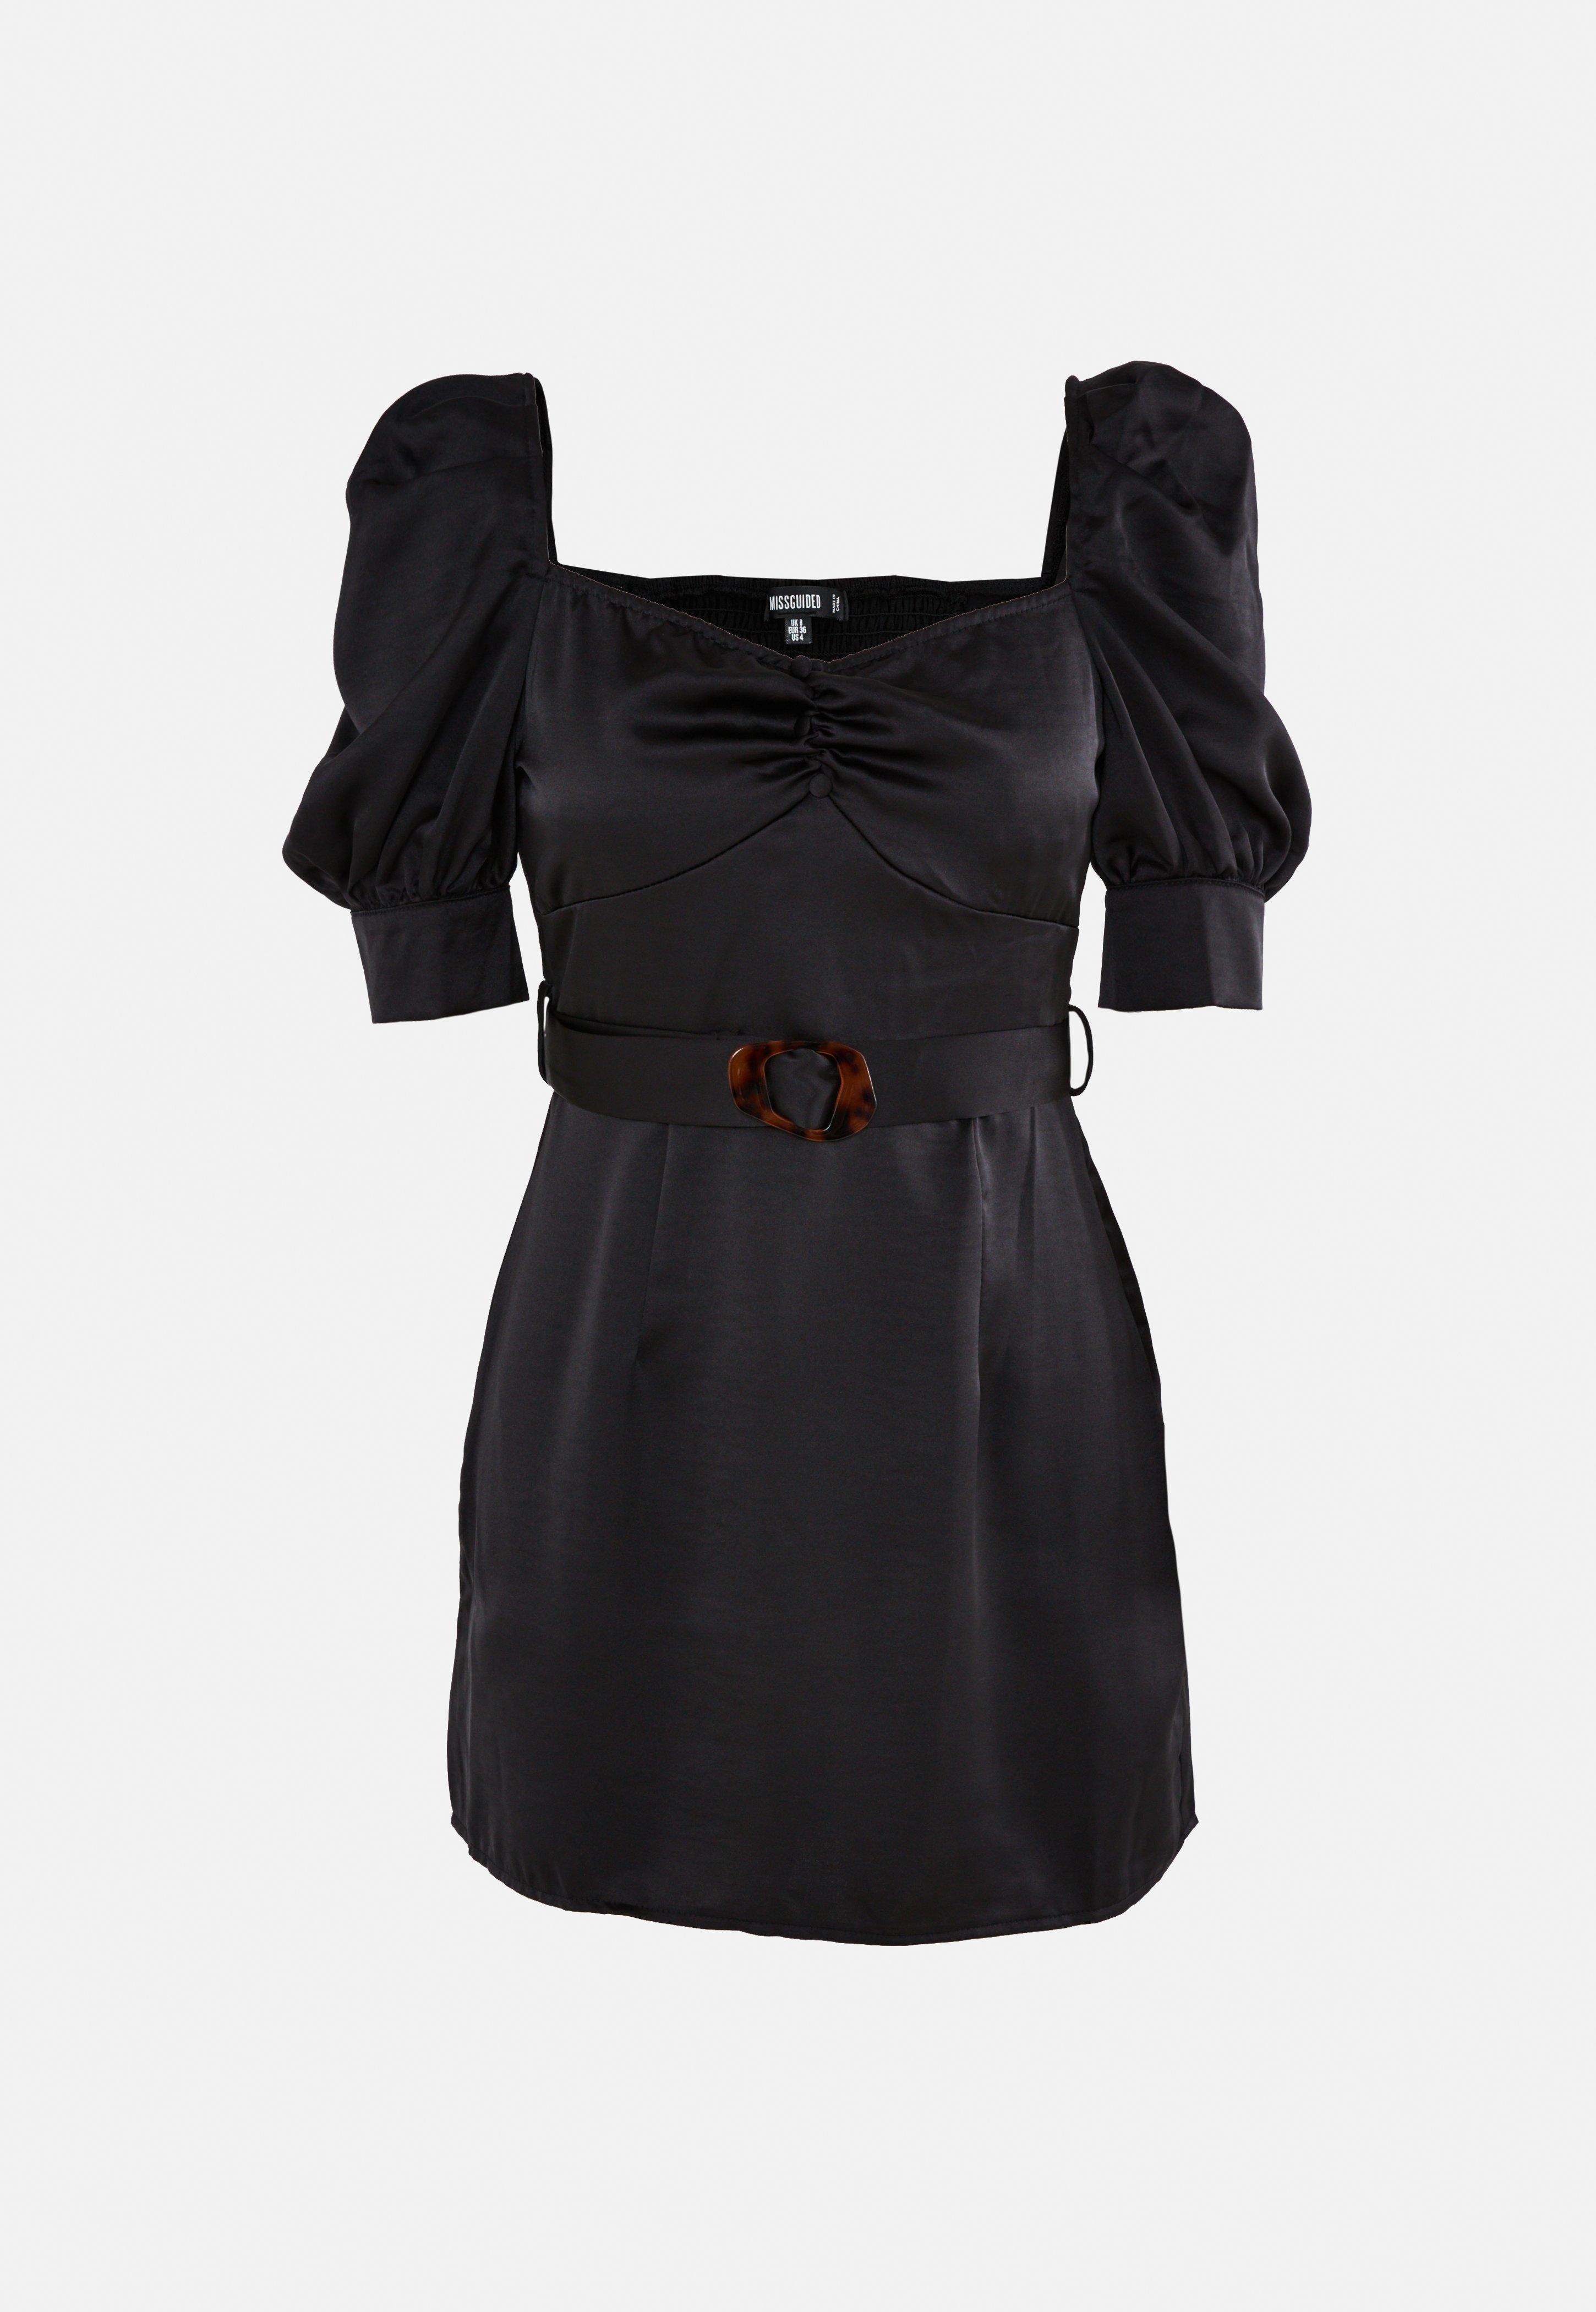 kurzes satin-kleid mit eckigem ausschnitt, puffärmeln und gürtel in schwarz